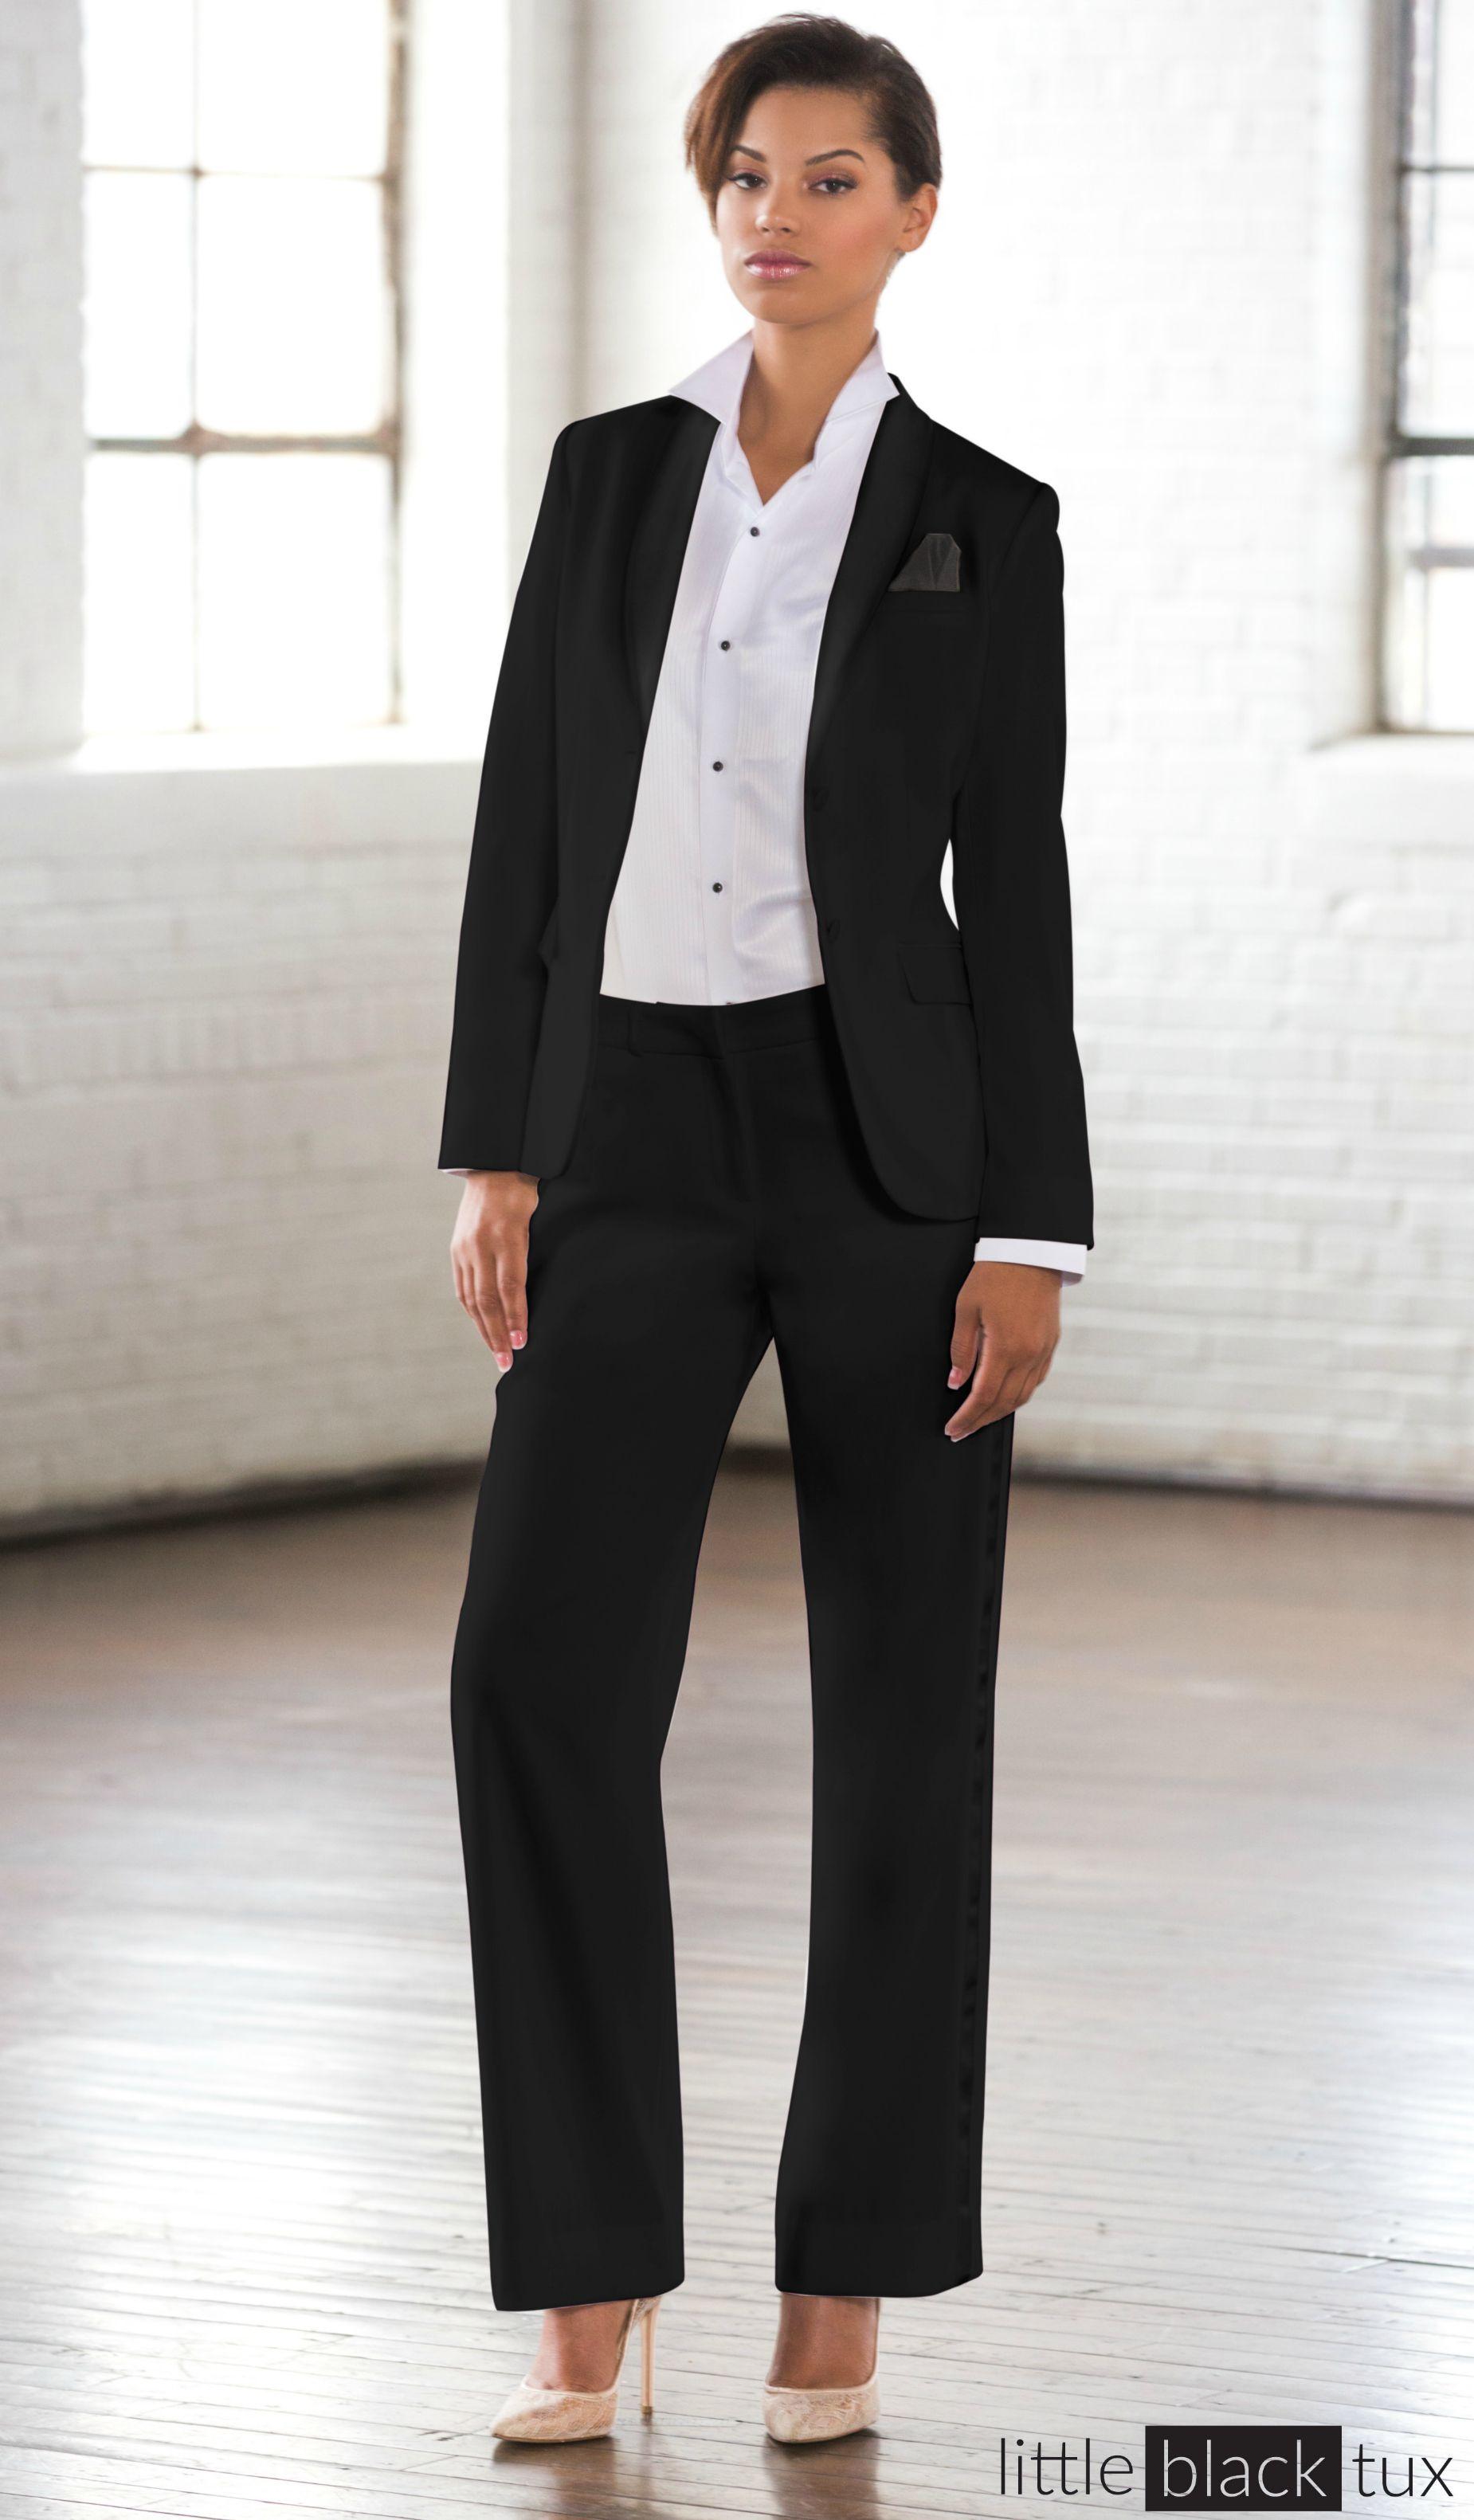 Women s Black Tuxedo   Ladytux. Shawl Collar b2481816e